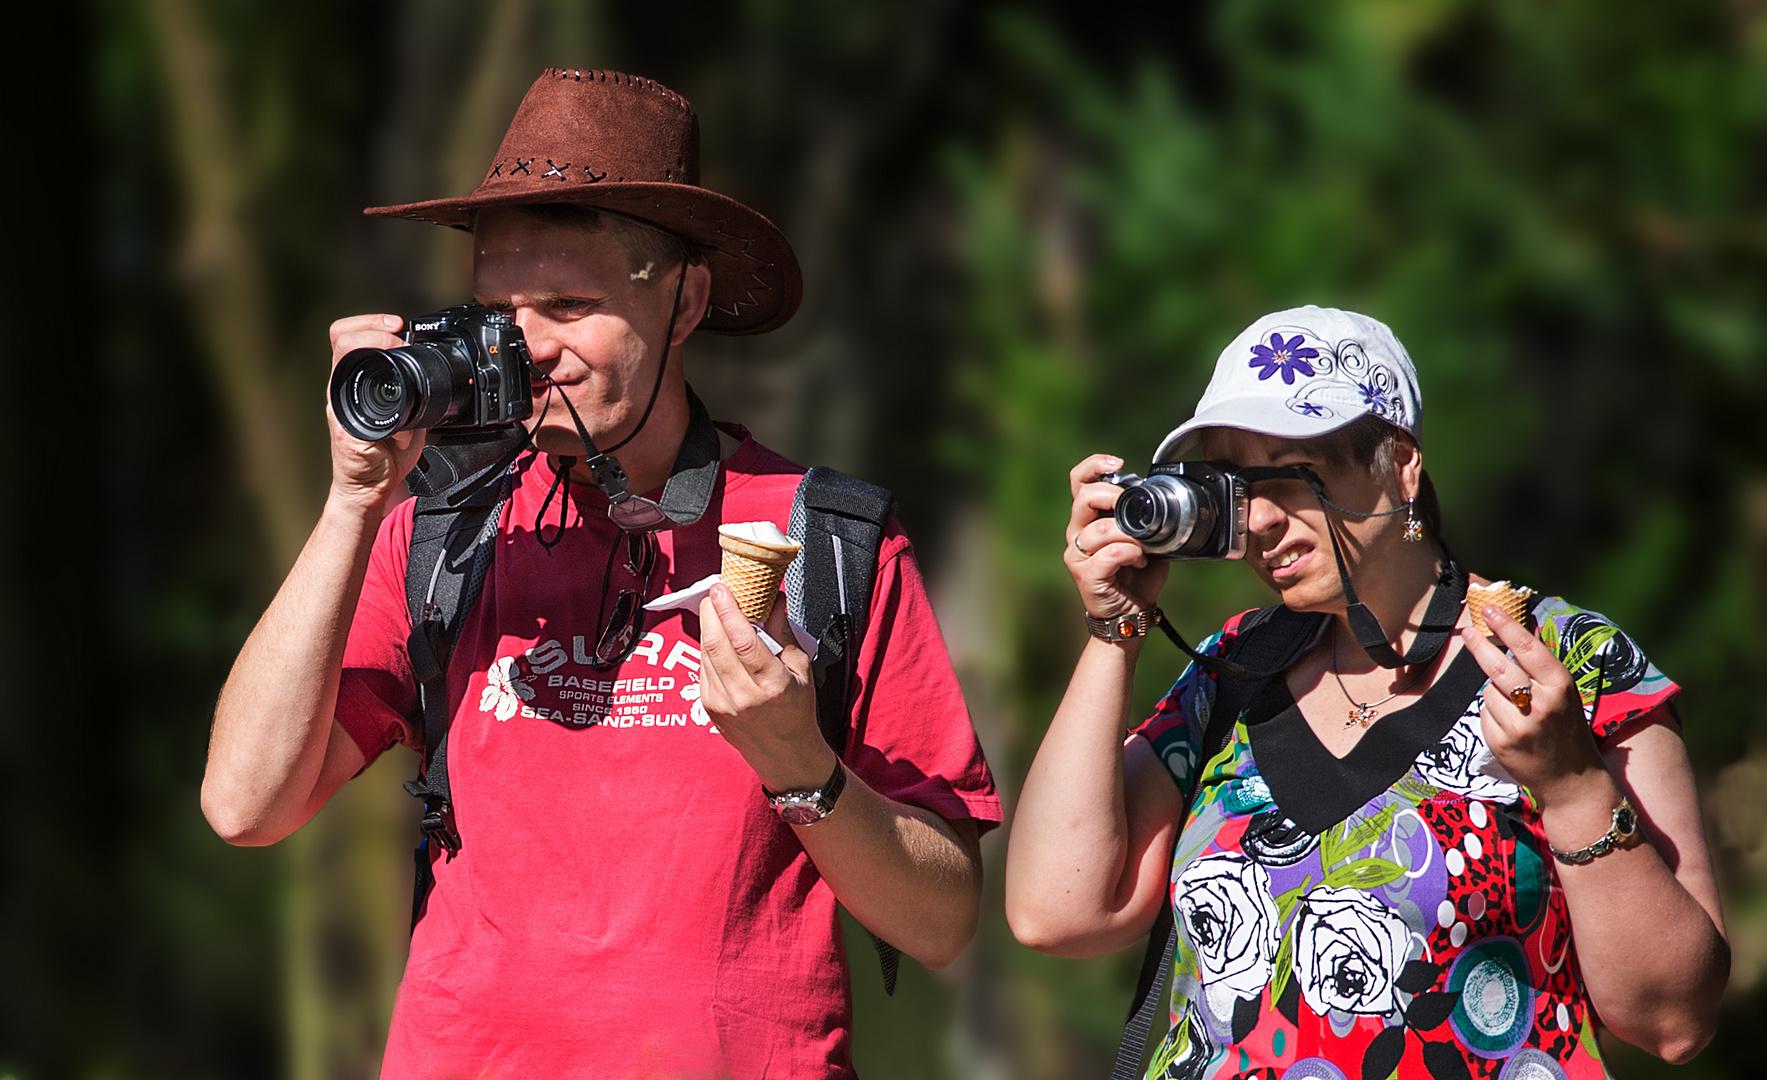 Eis essen und fotografieren - geht beides zusammen ....